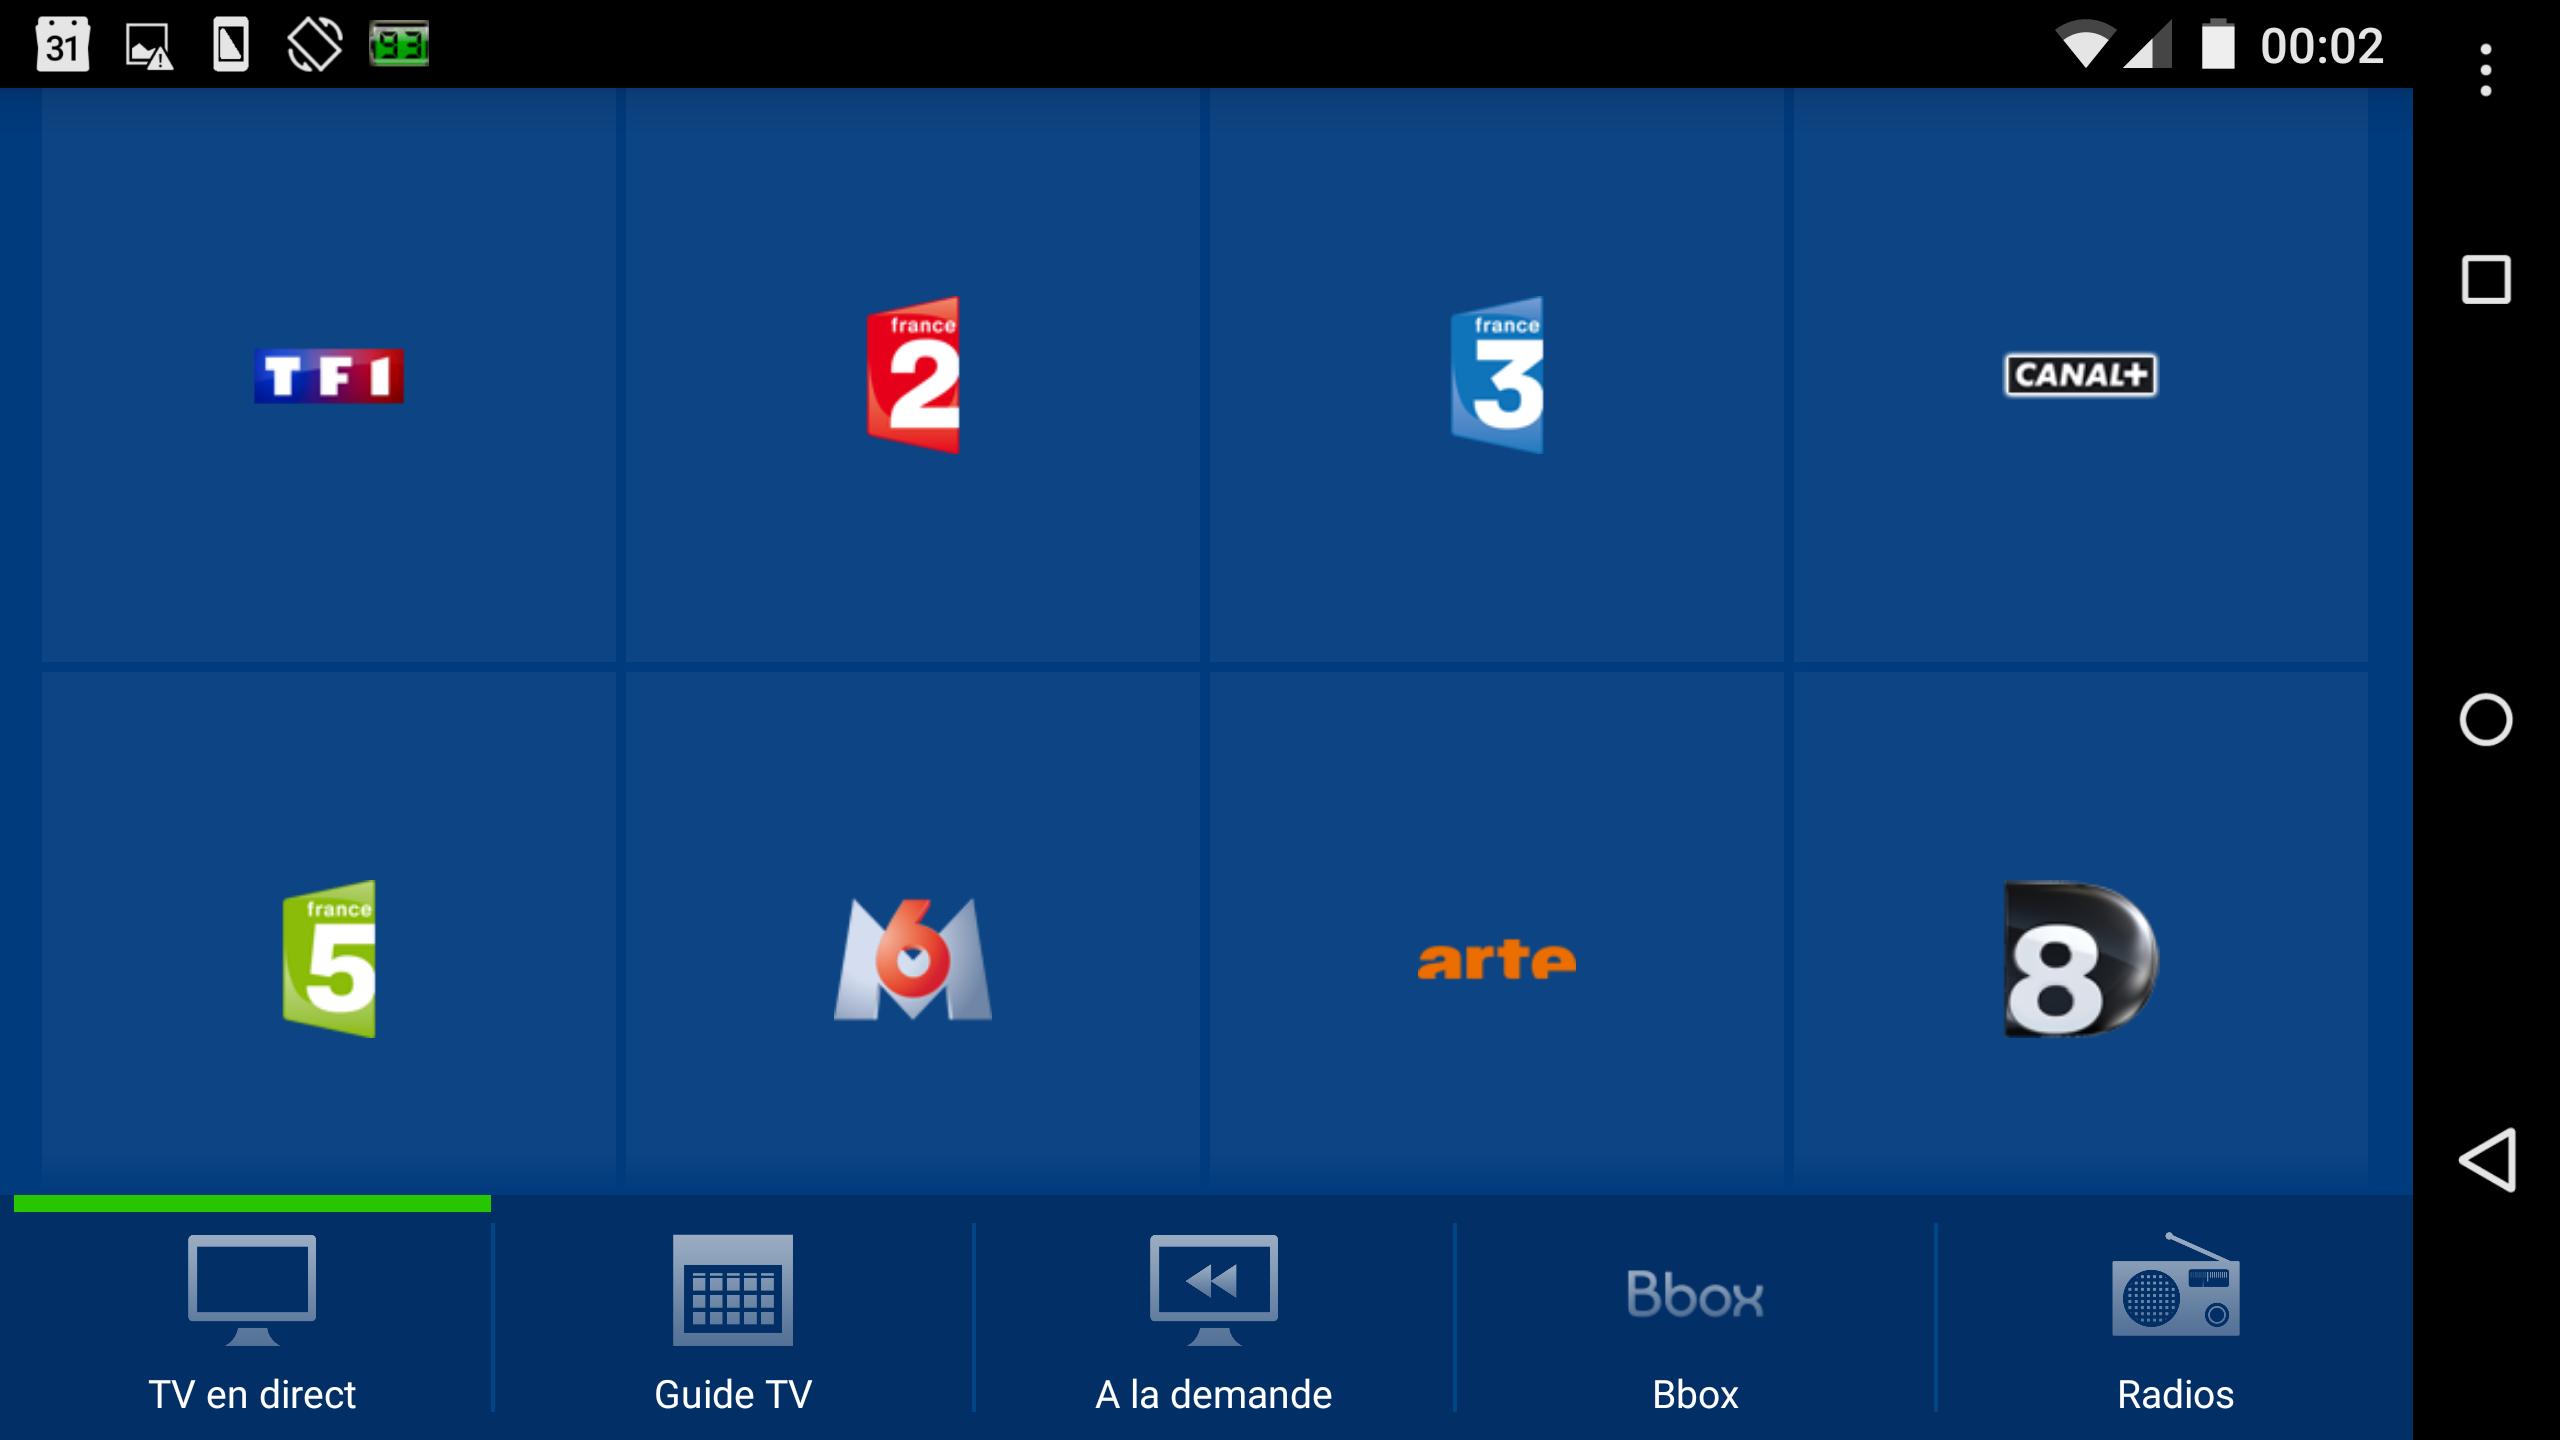 B.tv fonctionne sans problème sur le Nexus 6...